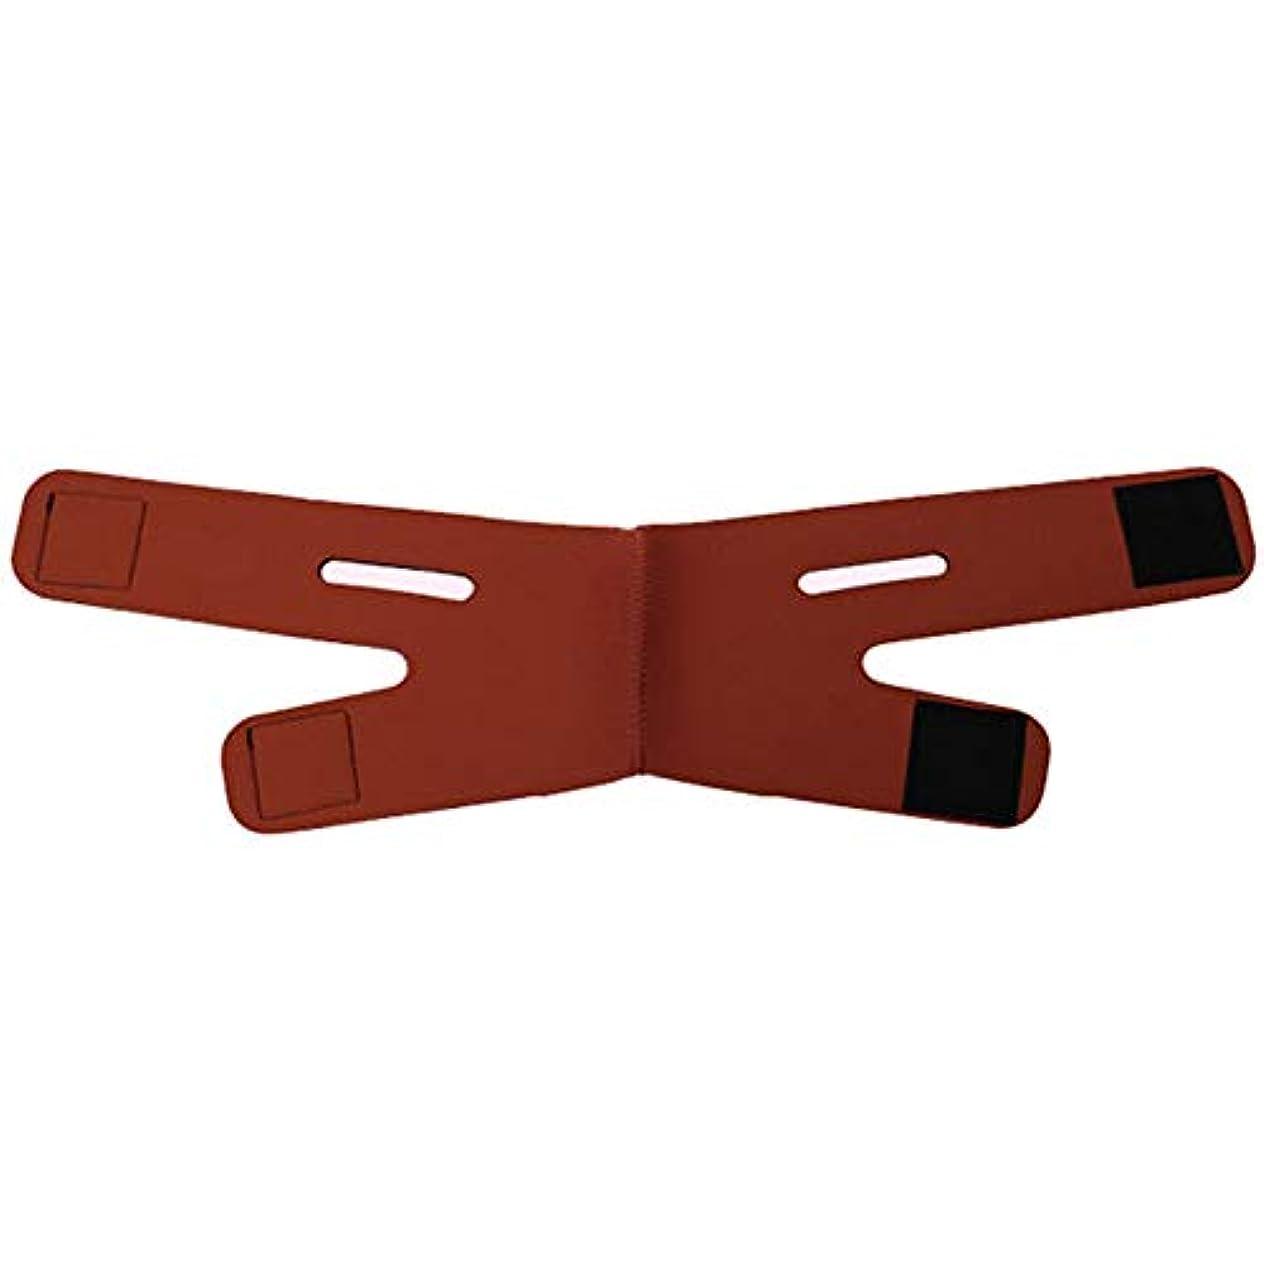 努力残忍なジャムGYZ フェイシャルリフティング痩身ベルト圧縮二重あご減量ベルトスキンケア薄い顔包帯二重あごワークアウト Thin Face Belt (Color : Red)